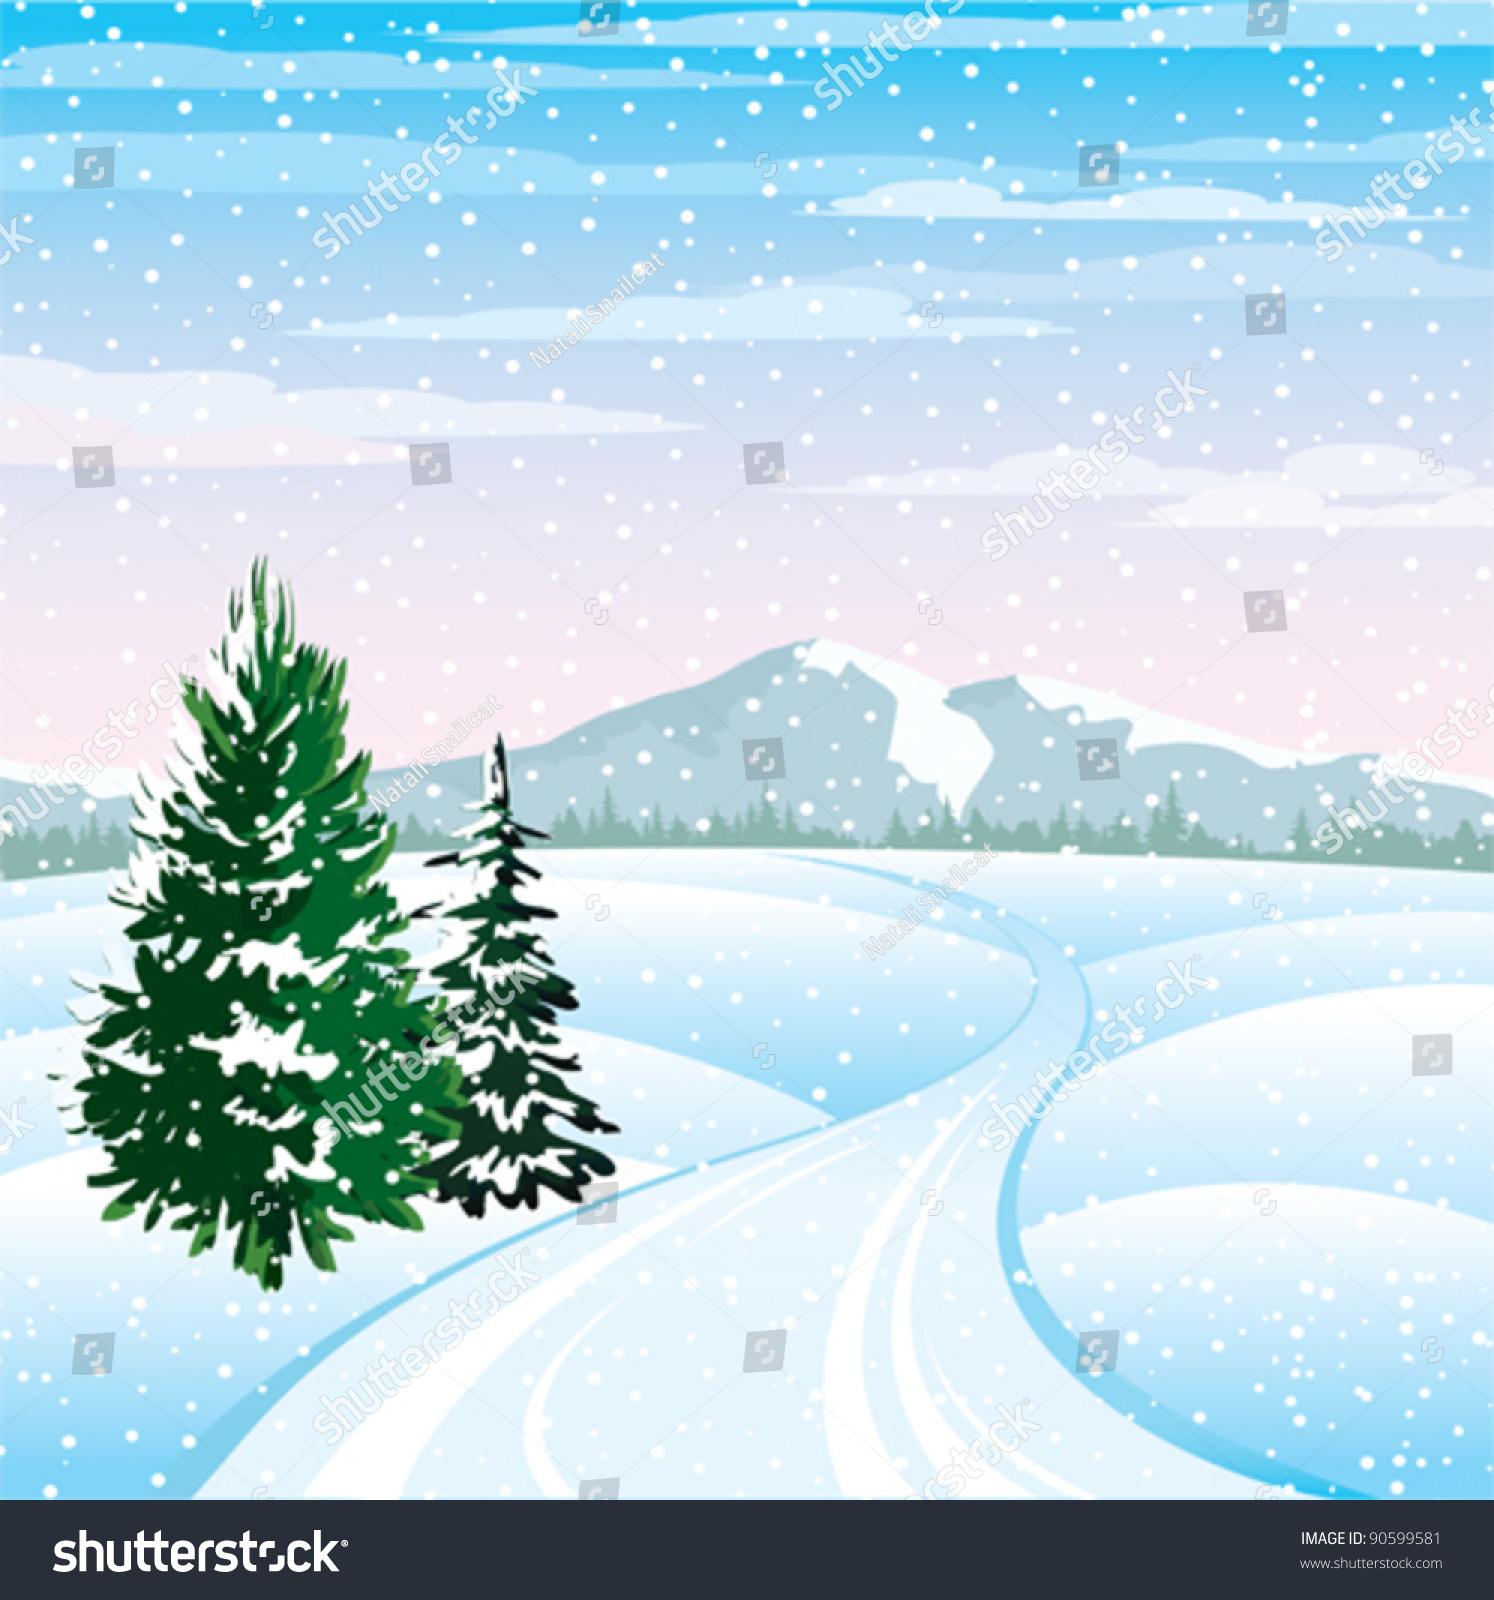 一个多云的天空中的树木和道路的冬季矢量景观-公园